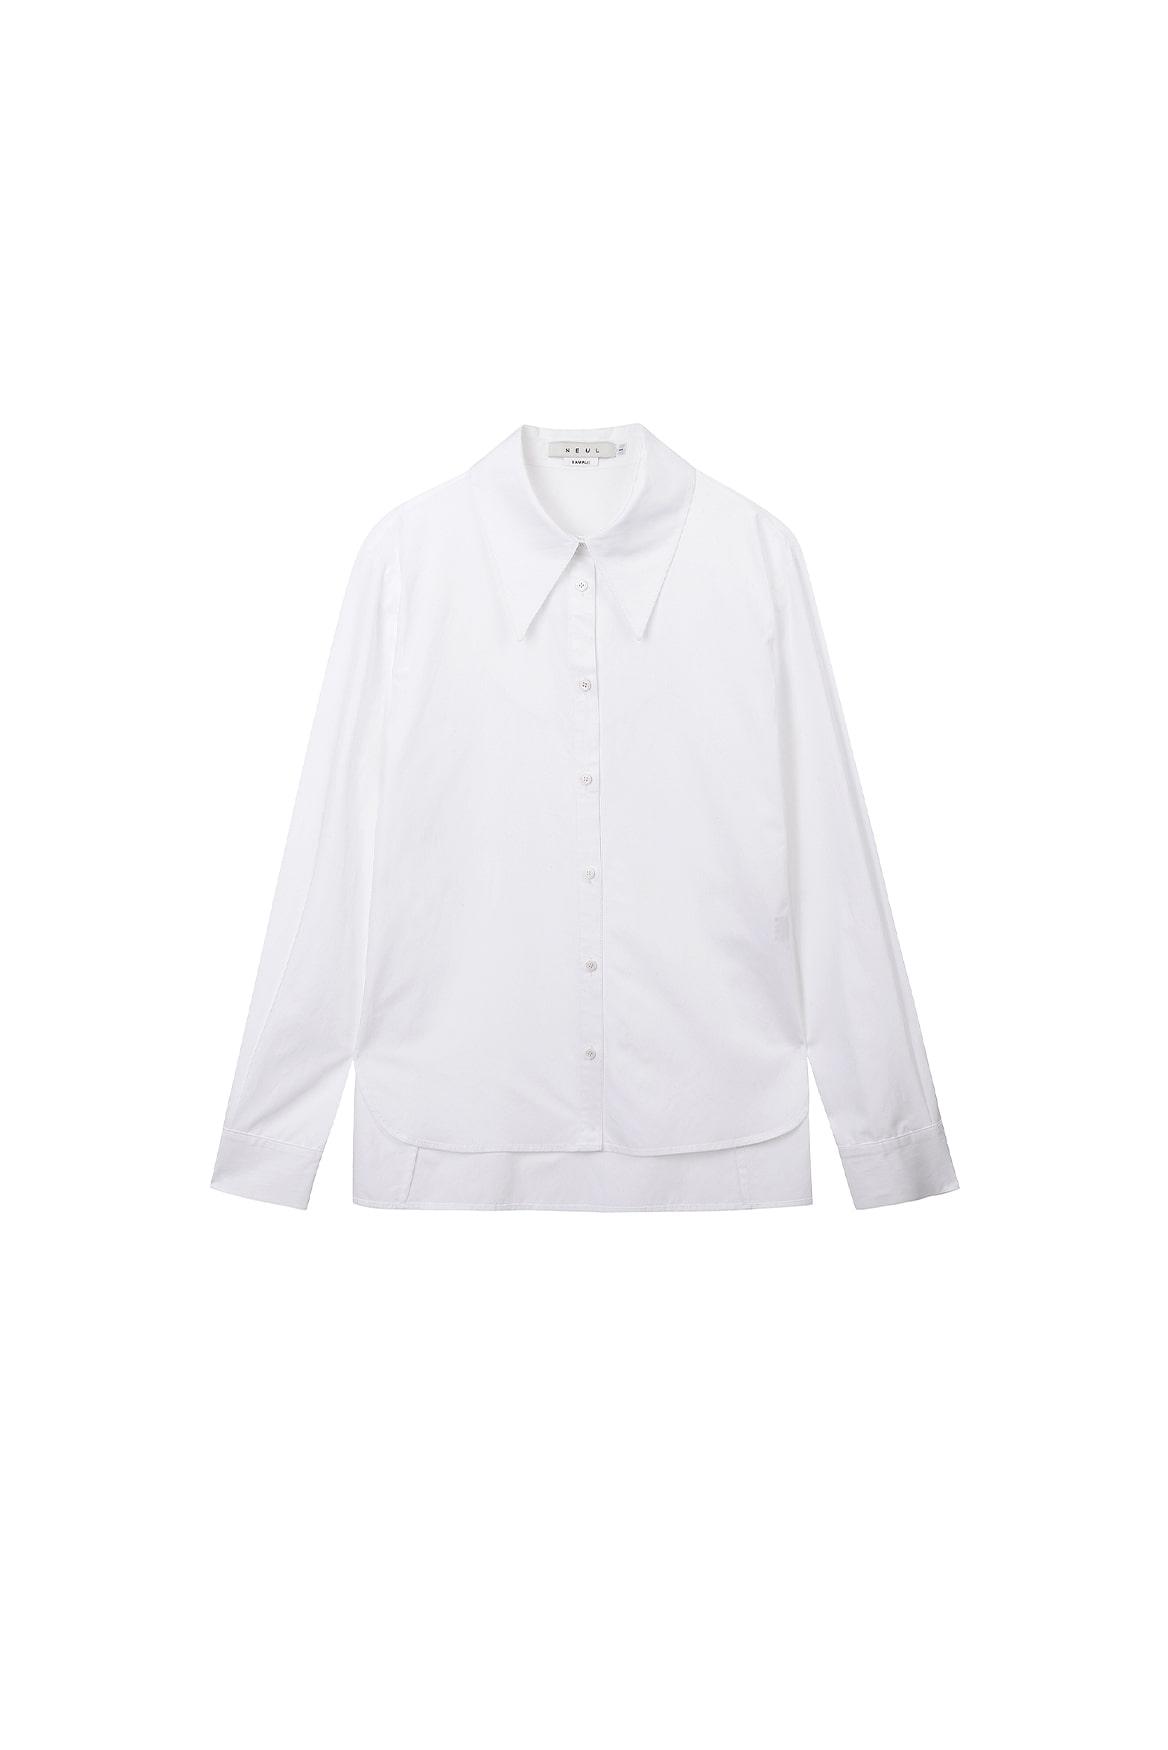 Romy Shirt_White